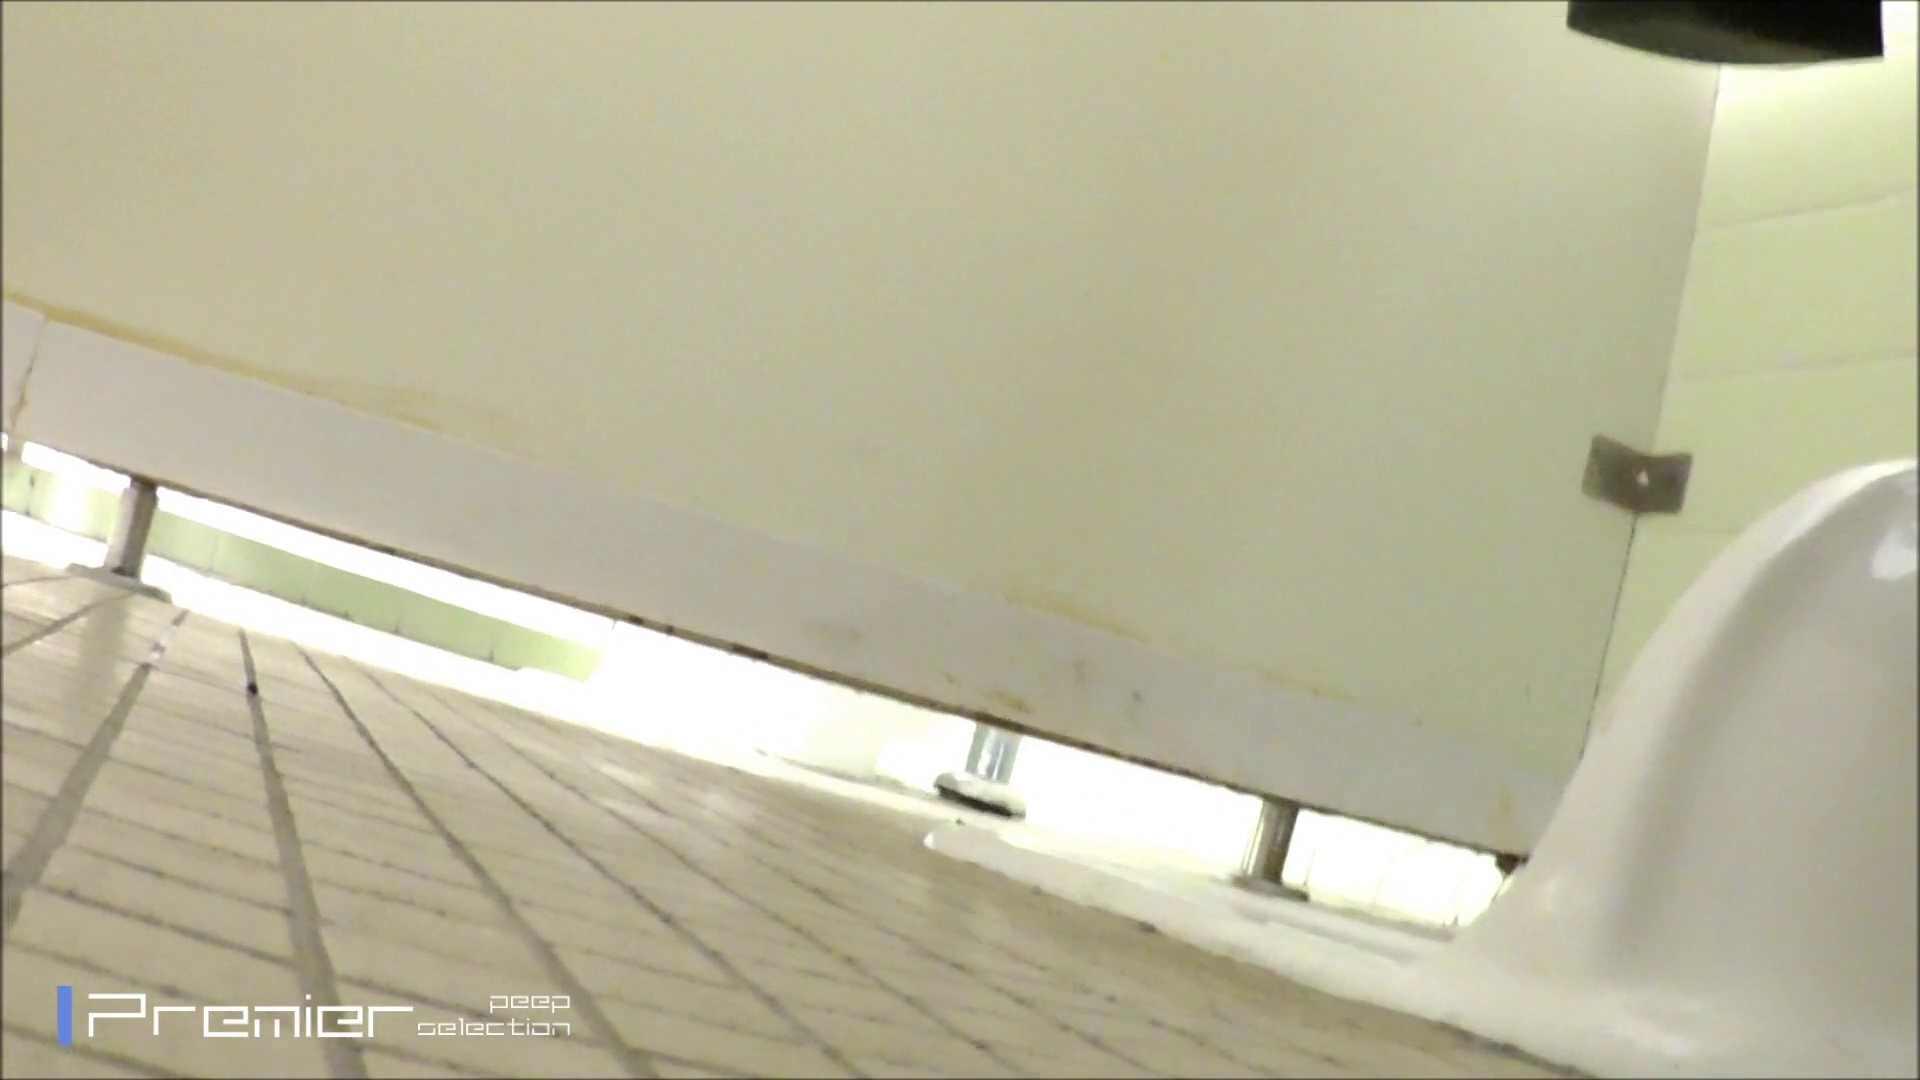 FHD激カワ!激やば! 復讐のトイレ盗撮 Vol.03 トイレ中 | 盗撮エロすぎ  78連発 71